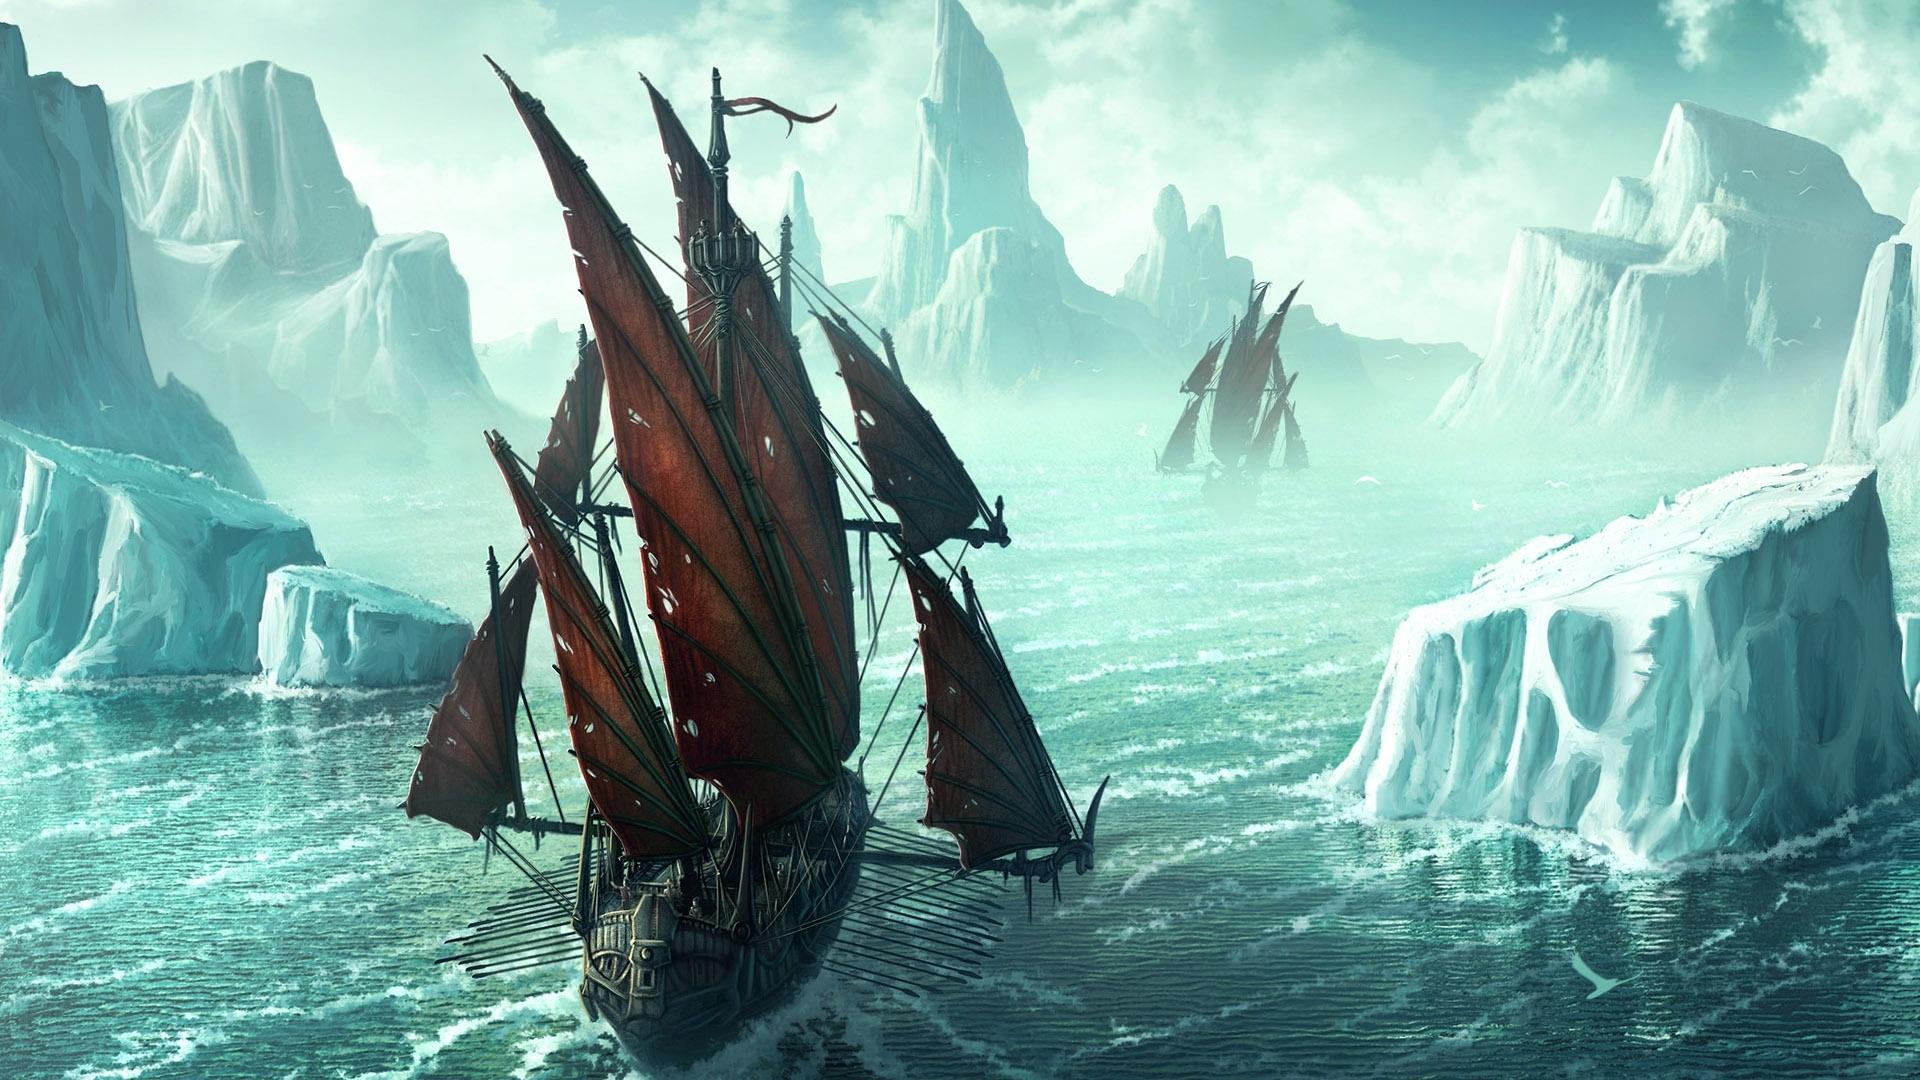 9194 скачать обои Пейзаж, Корабли, Море, Рисунки - заставки и картинки бесплатно